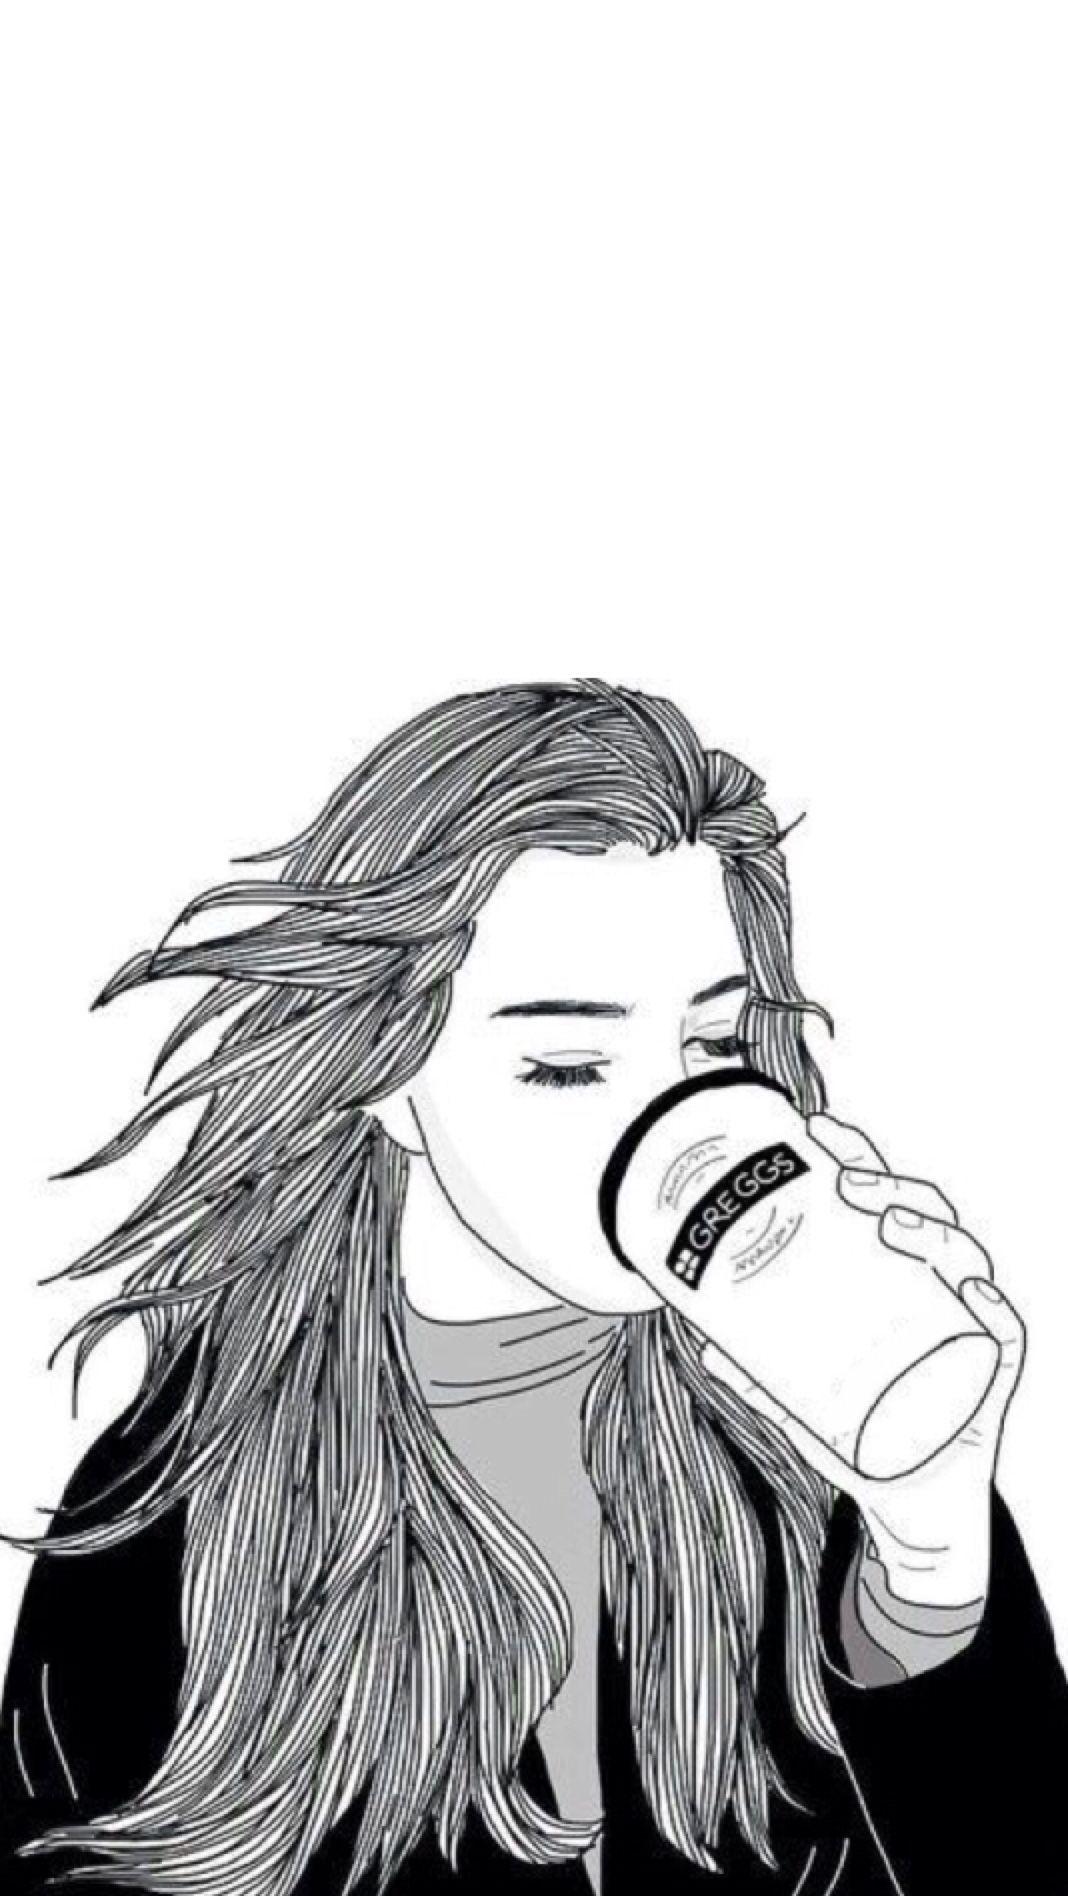 Outline draw lockscreens | Lockscreen. | Drawings, Tumblr outline, dan Tumblr girl drawing